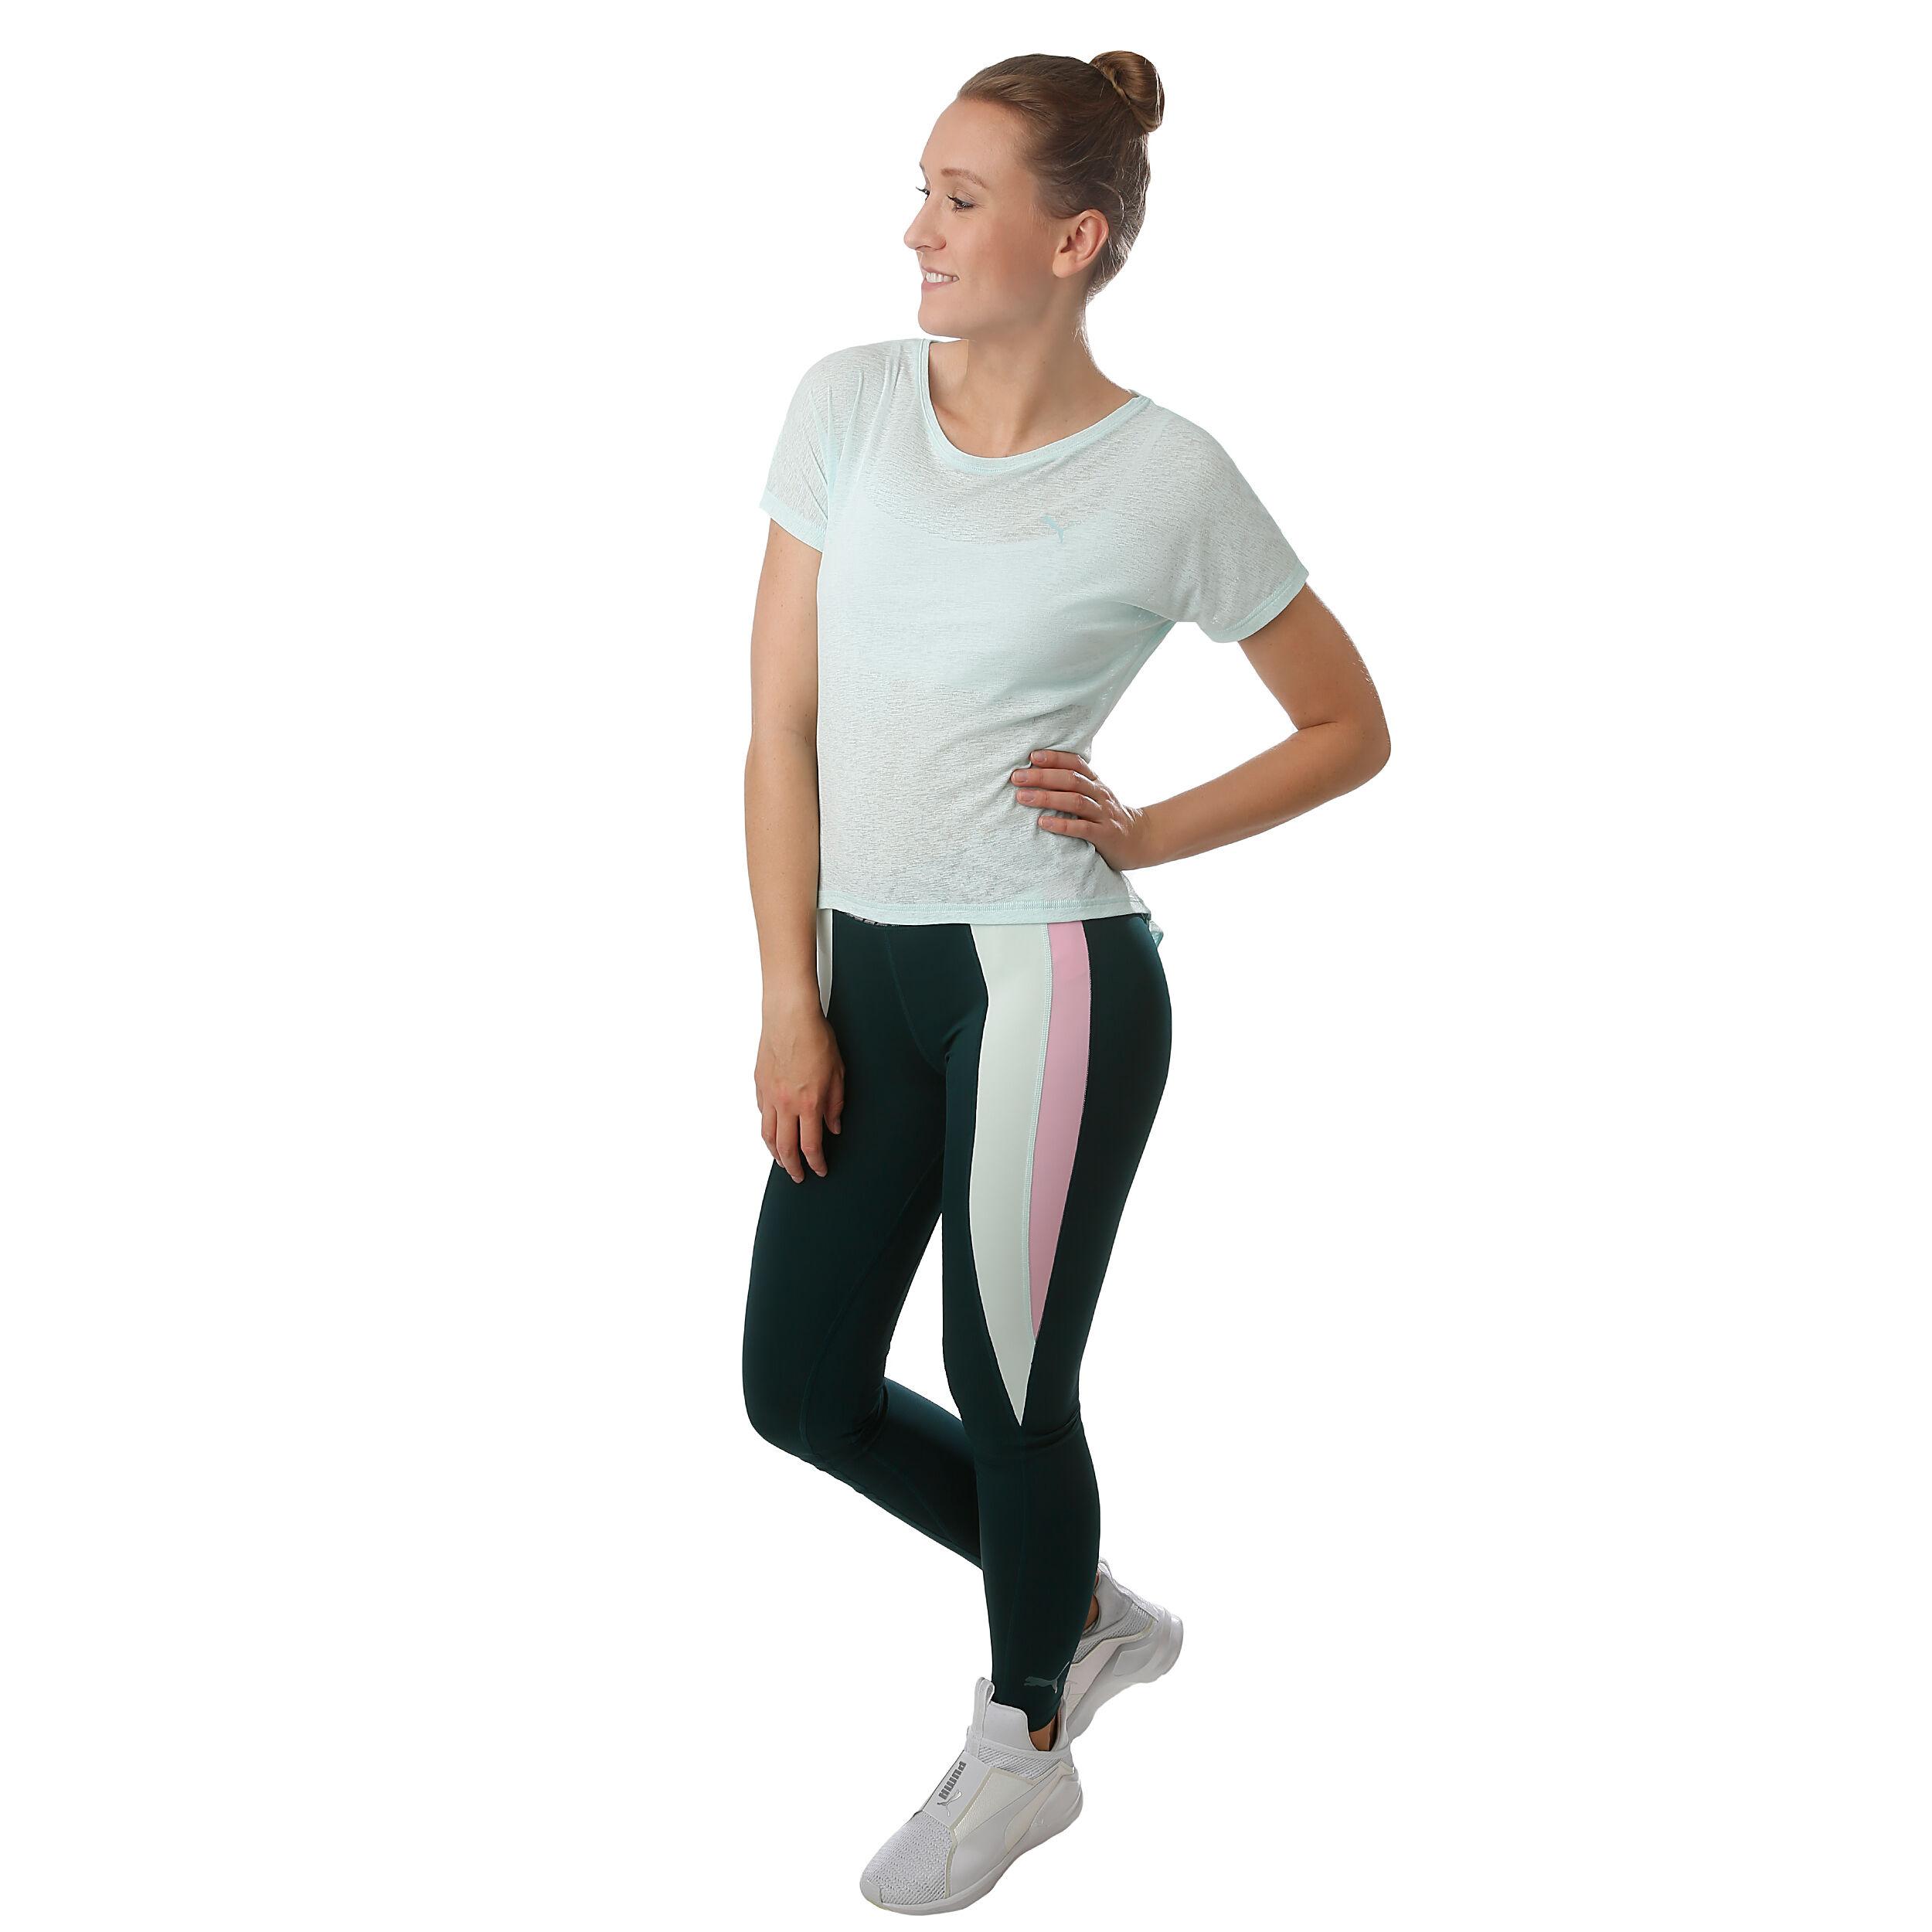 Puma Bold T Shirt Damen Mint, Silber online kaufen